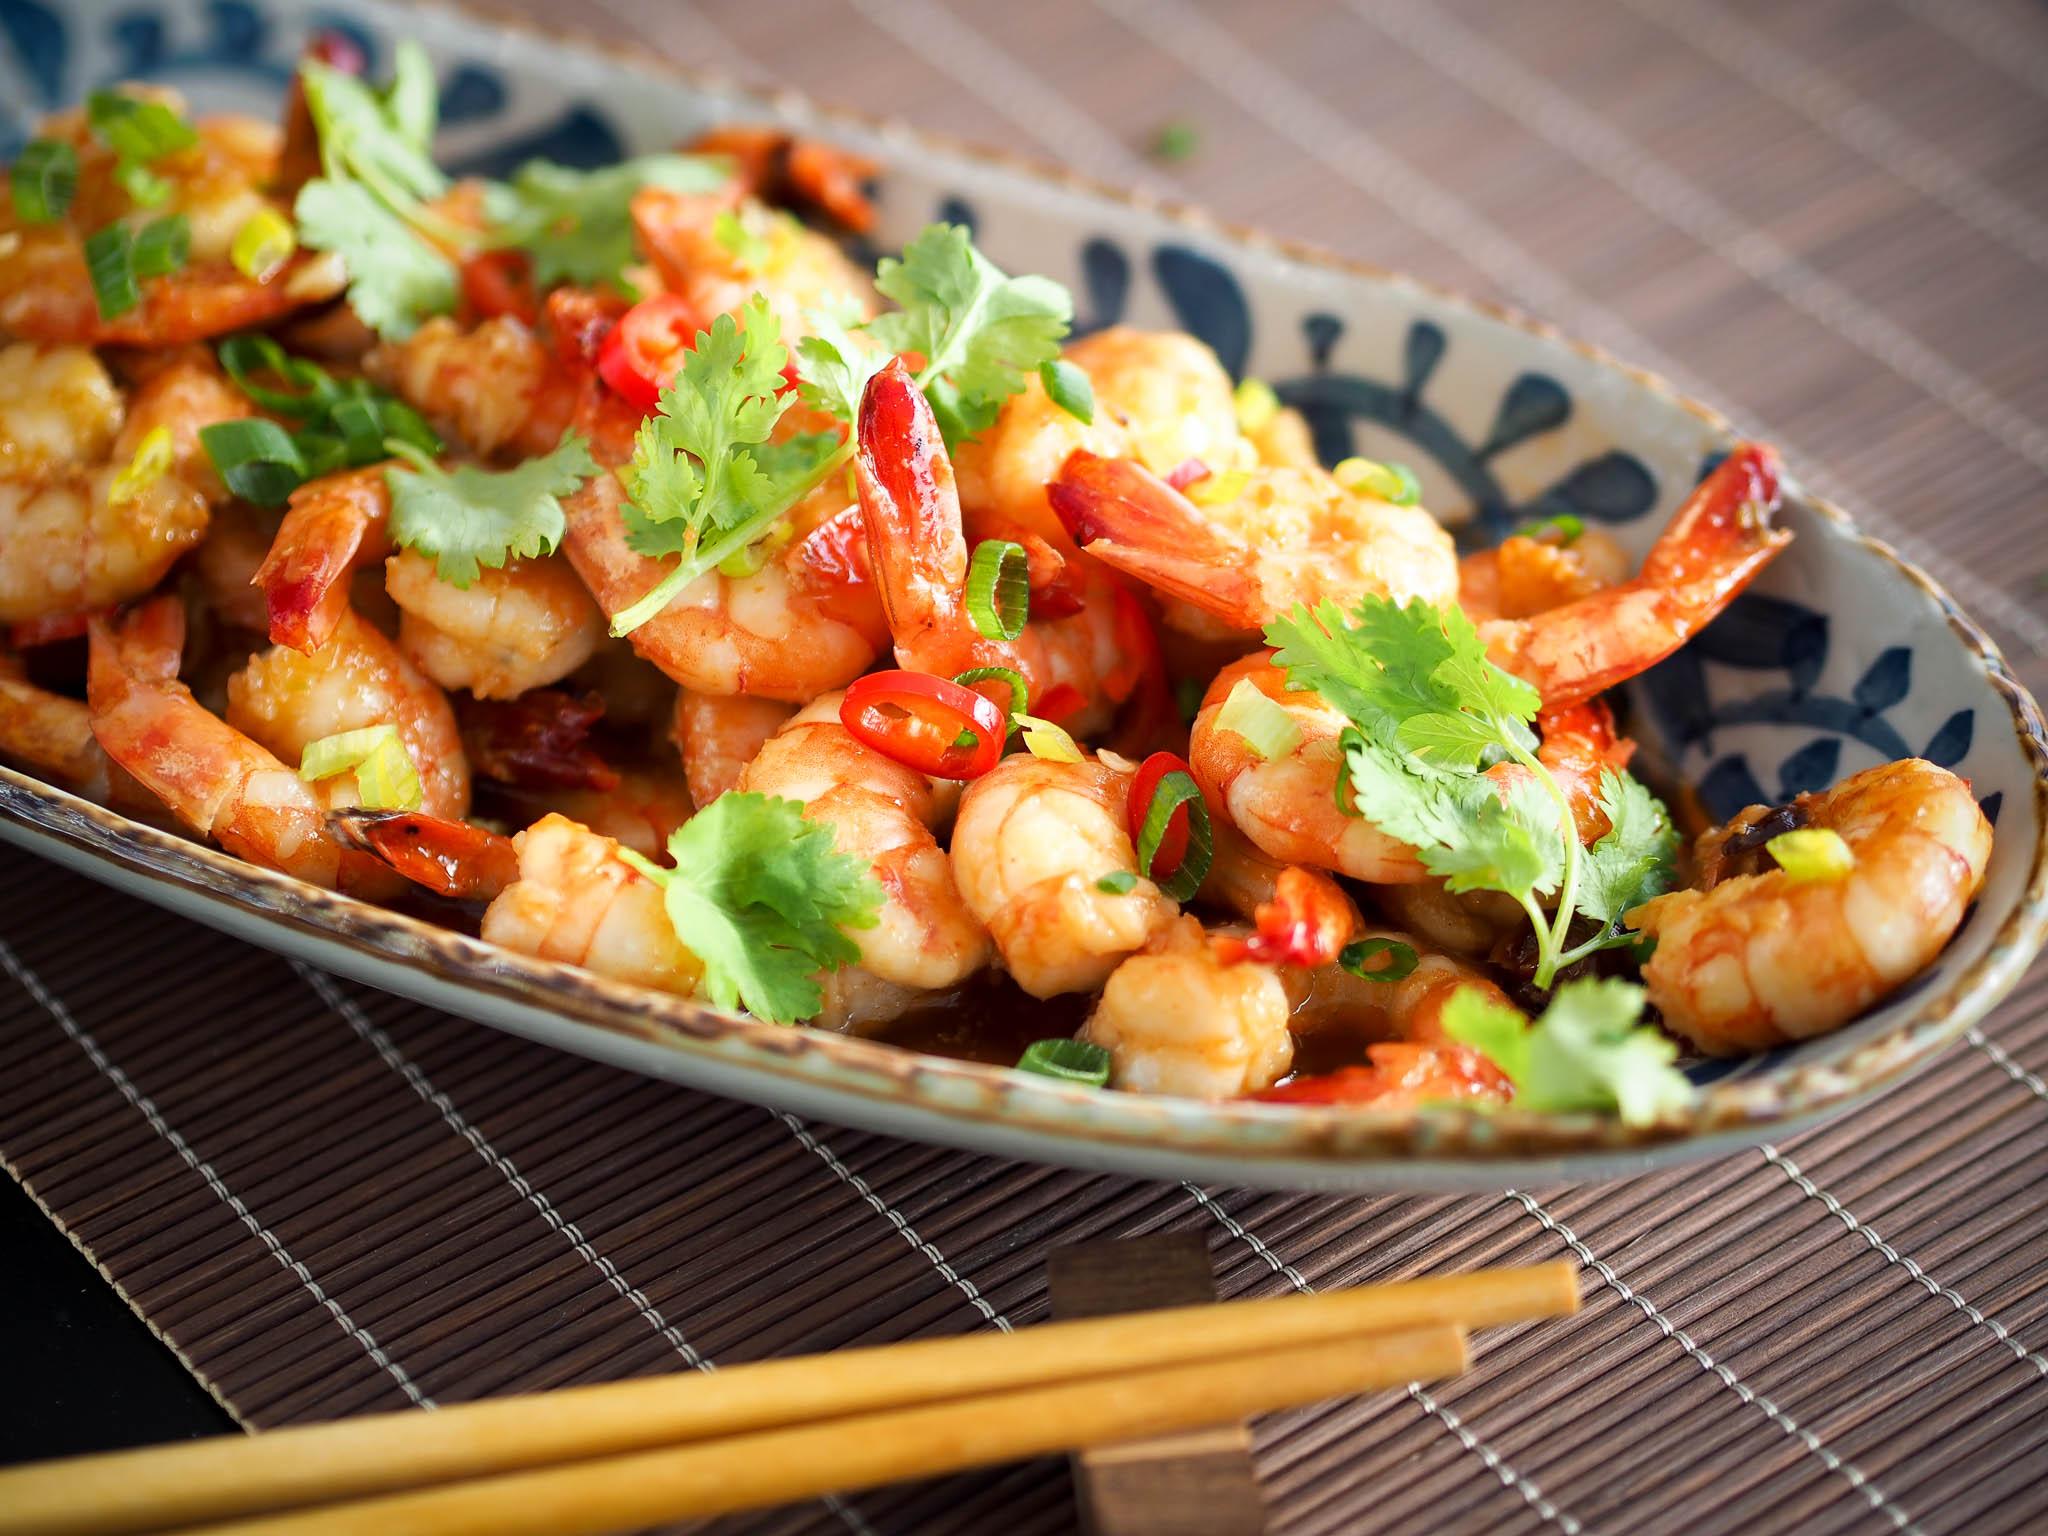 Kuchnia chińska przepisy, potrawy  SlodkoKwasny com -> Kuchnia Lidla Pomysl Na Obiad